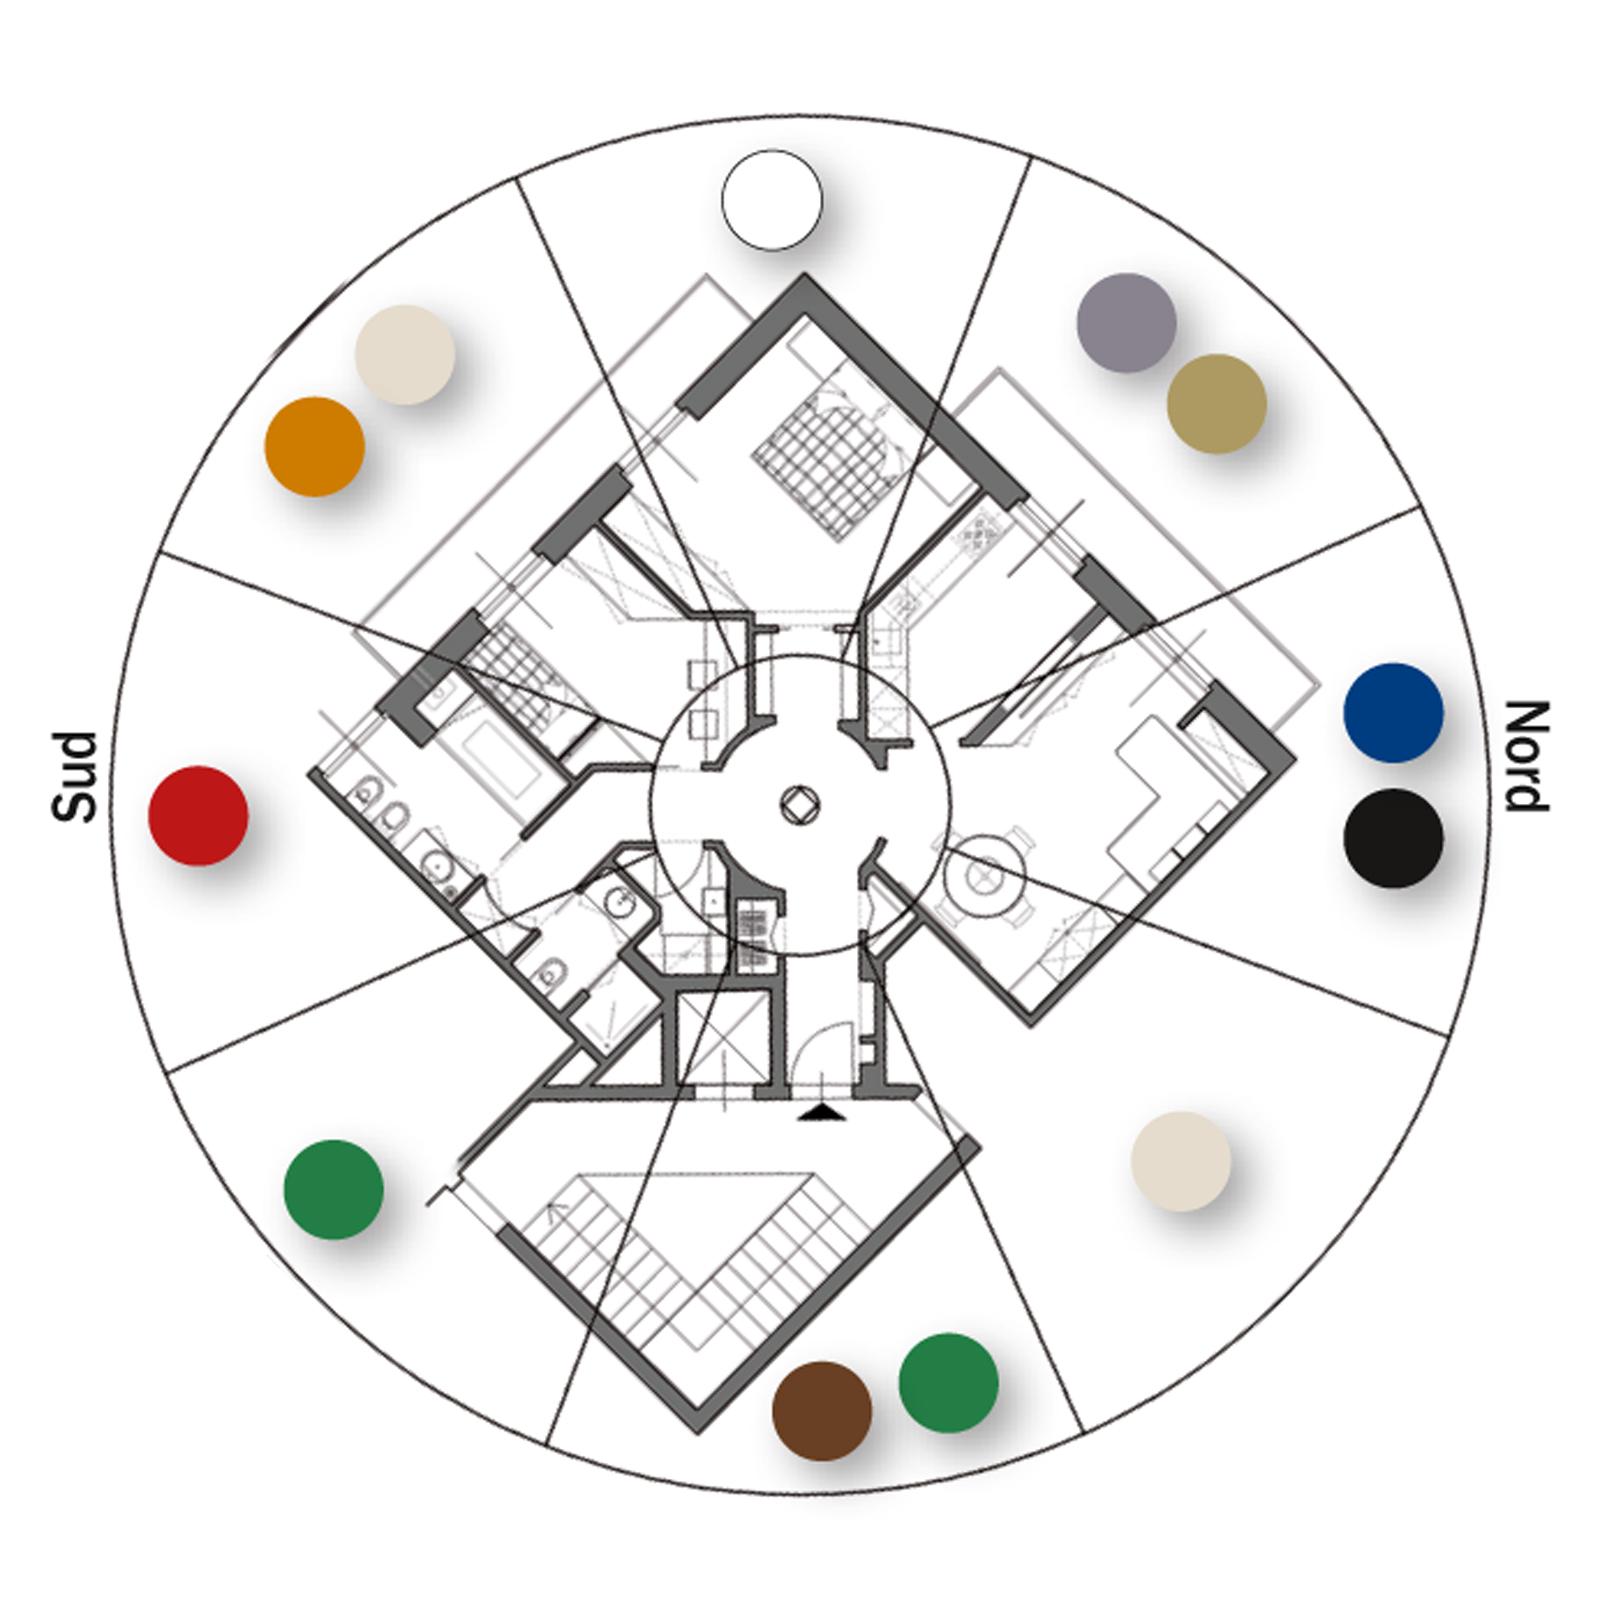 http://wevux.com/wp-content/uploads/2014/06/scuola-di-interni-wevux-pianta-colori-feng-shui.jpg